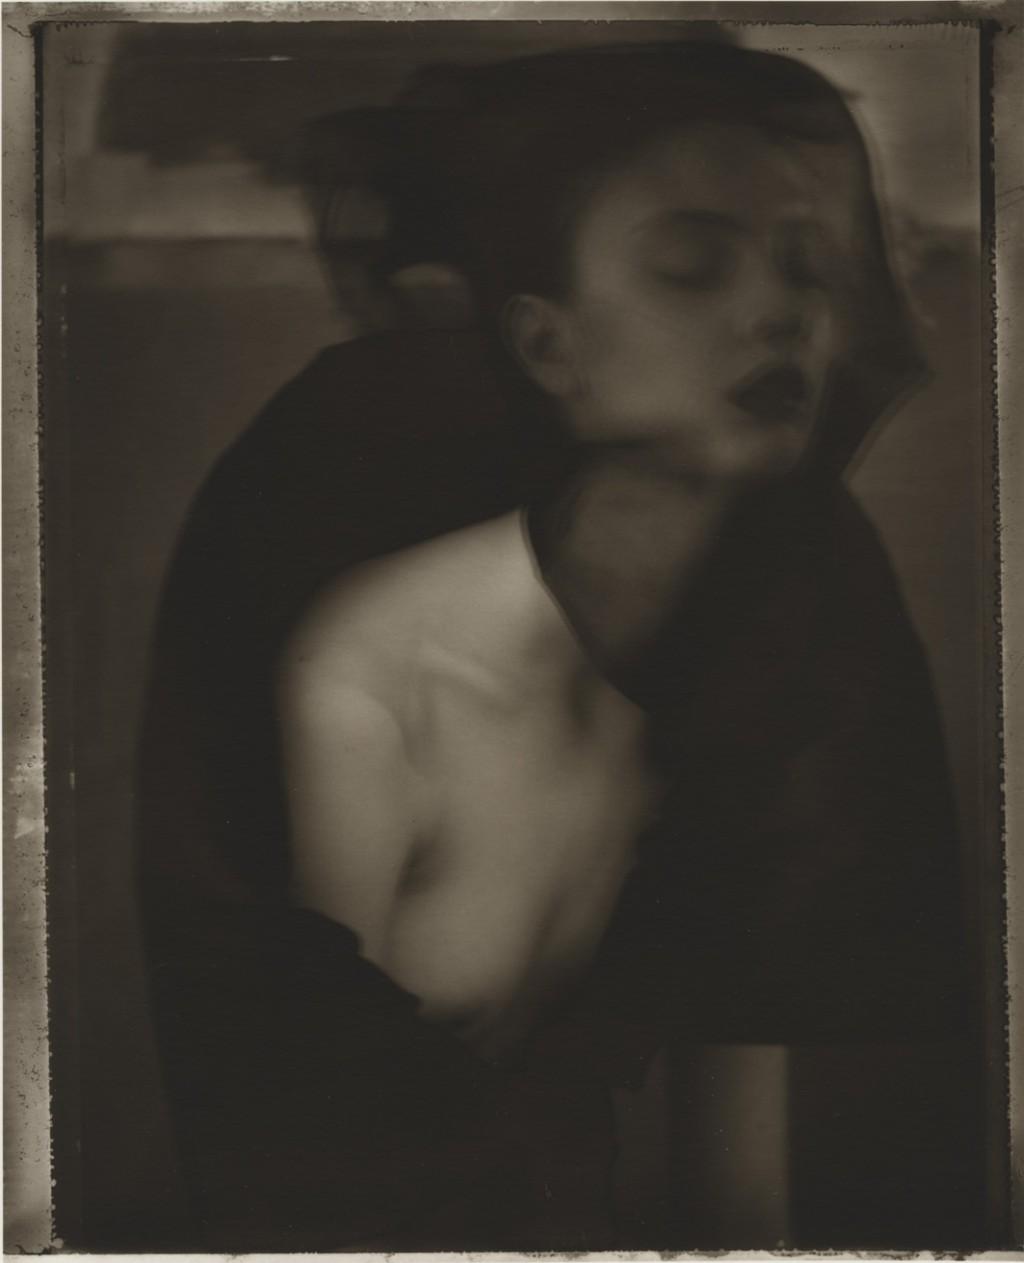 sarah-moon-femme-voilée-2